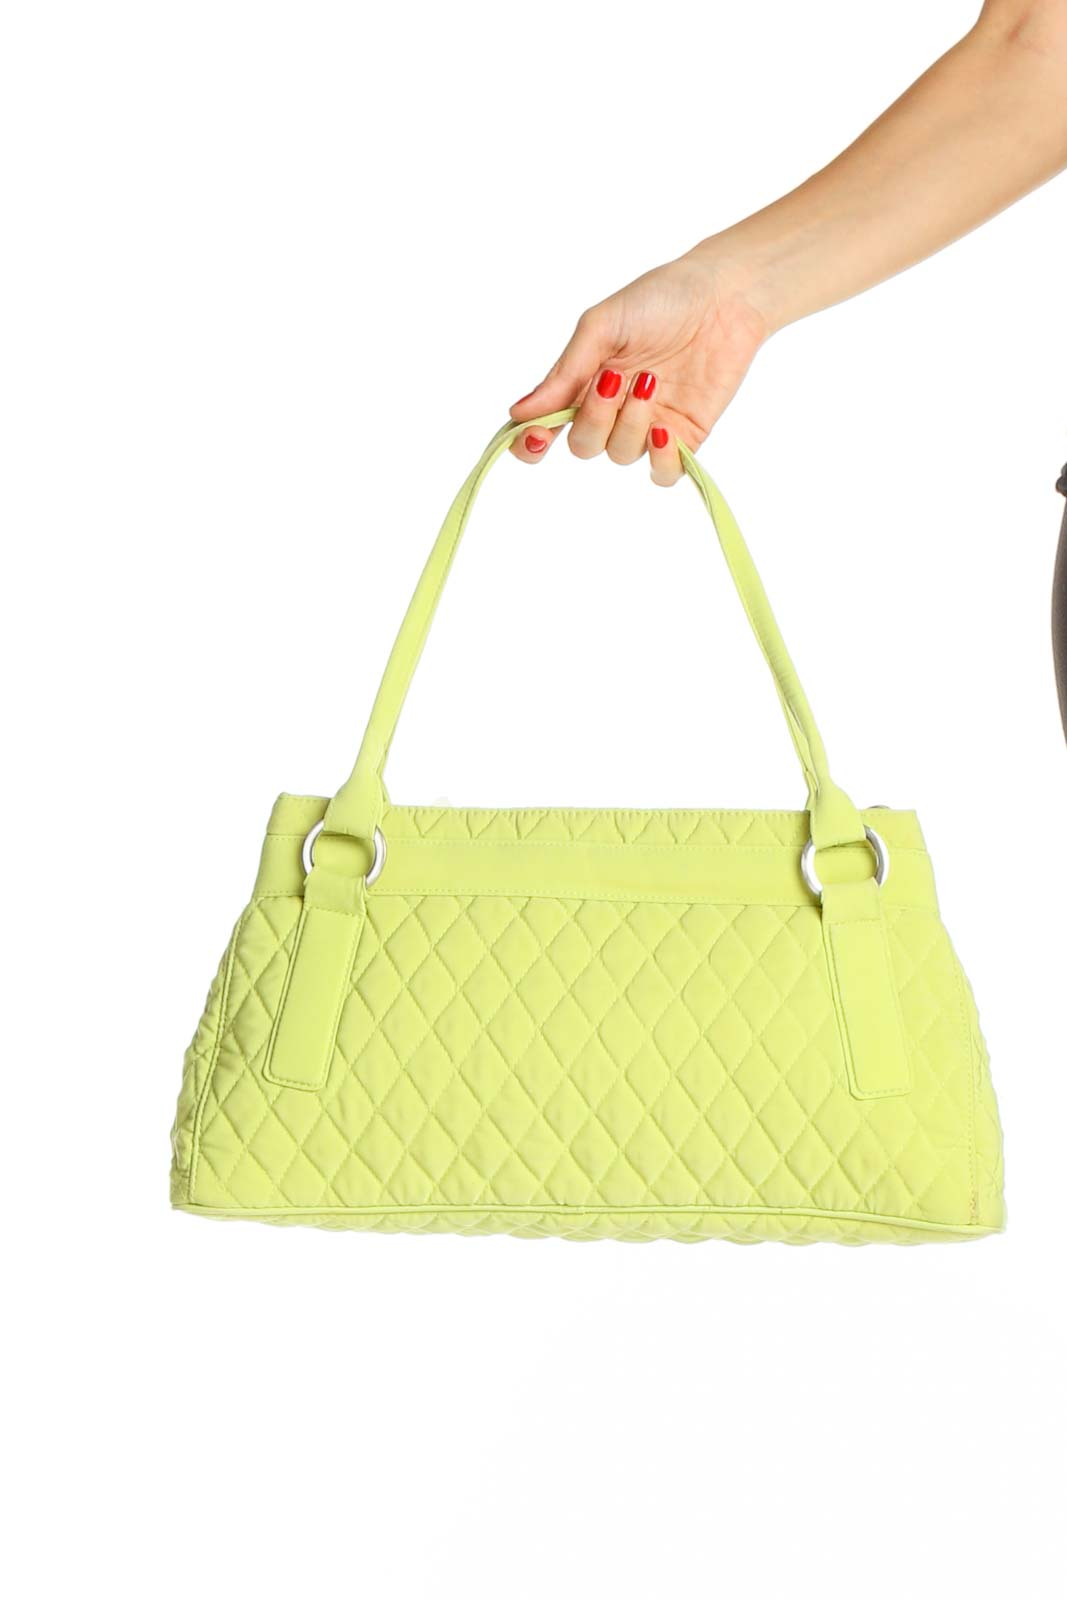 Green Shoulder Bag Front